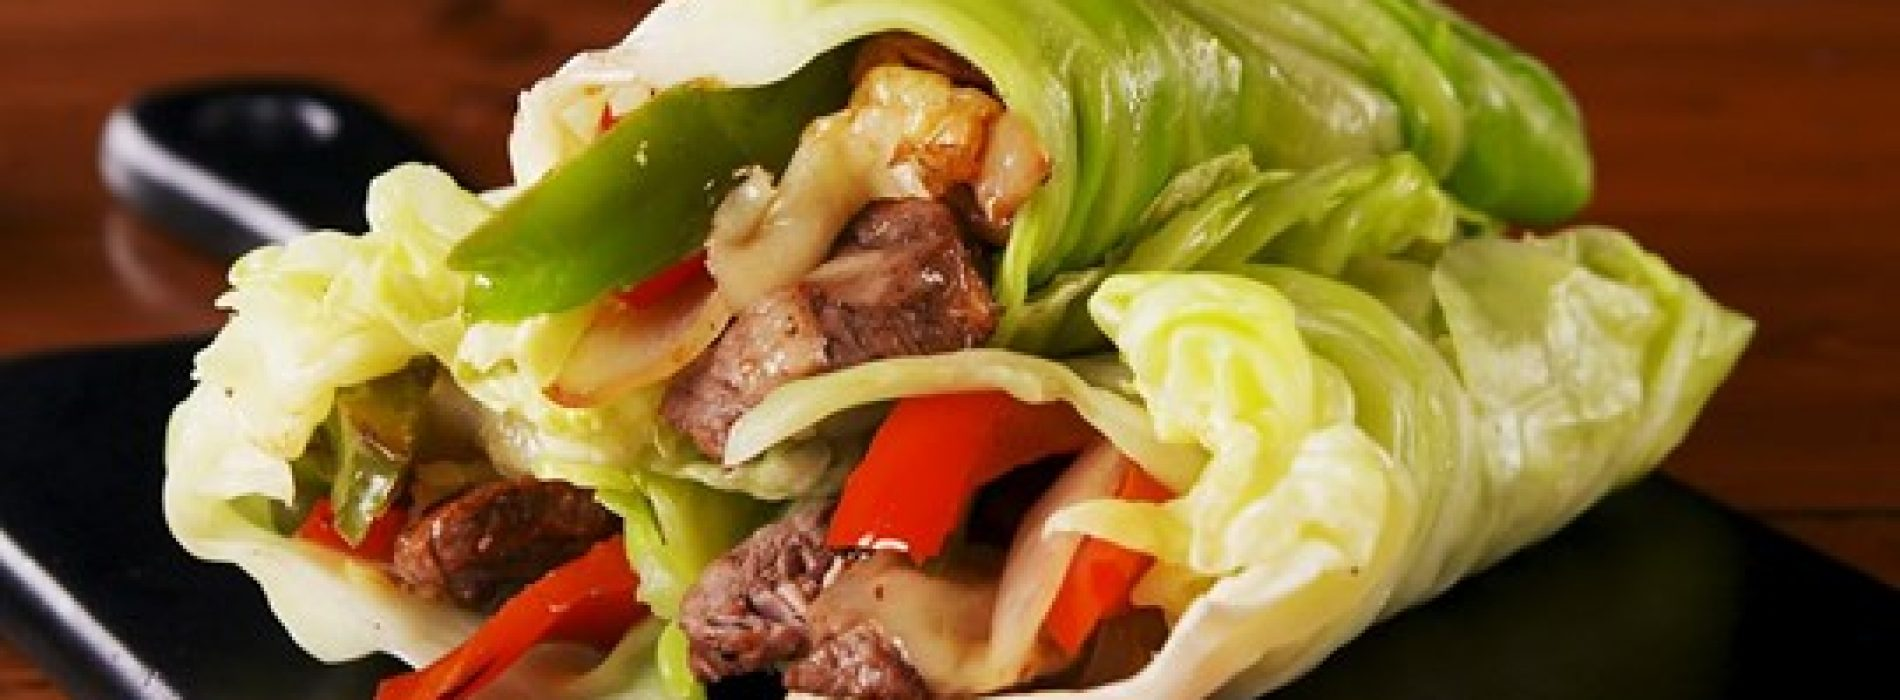 Philly Cheesesteak Kool Wraps: Al het goede, geen koolhydraten